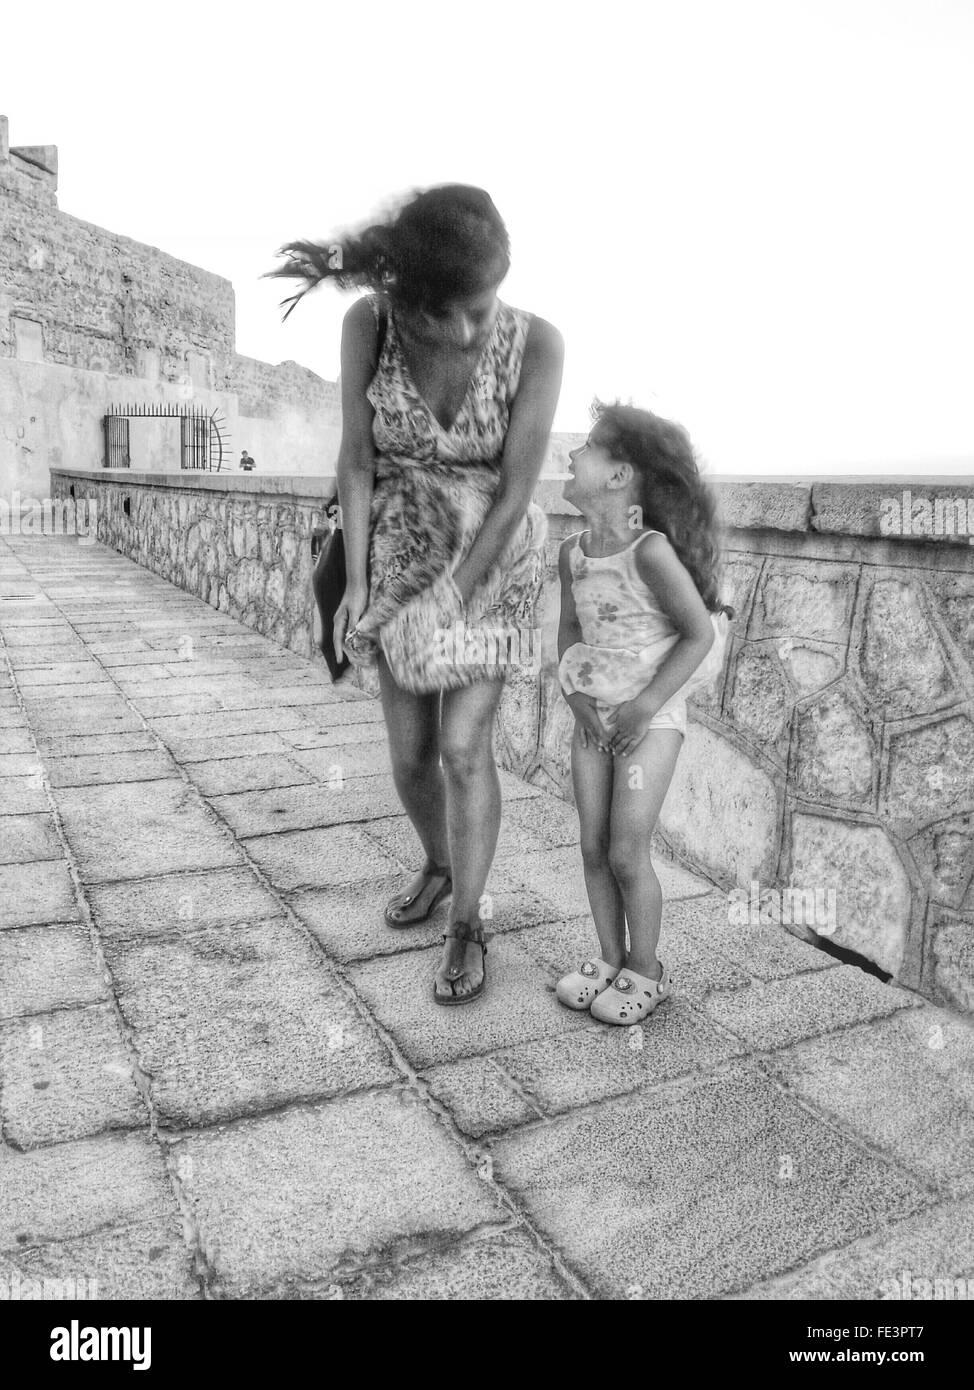 La mujer y la niña en día ventoso Imagen De Stock